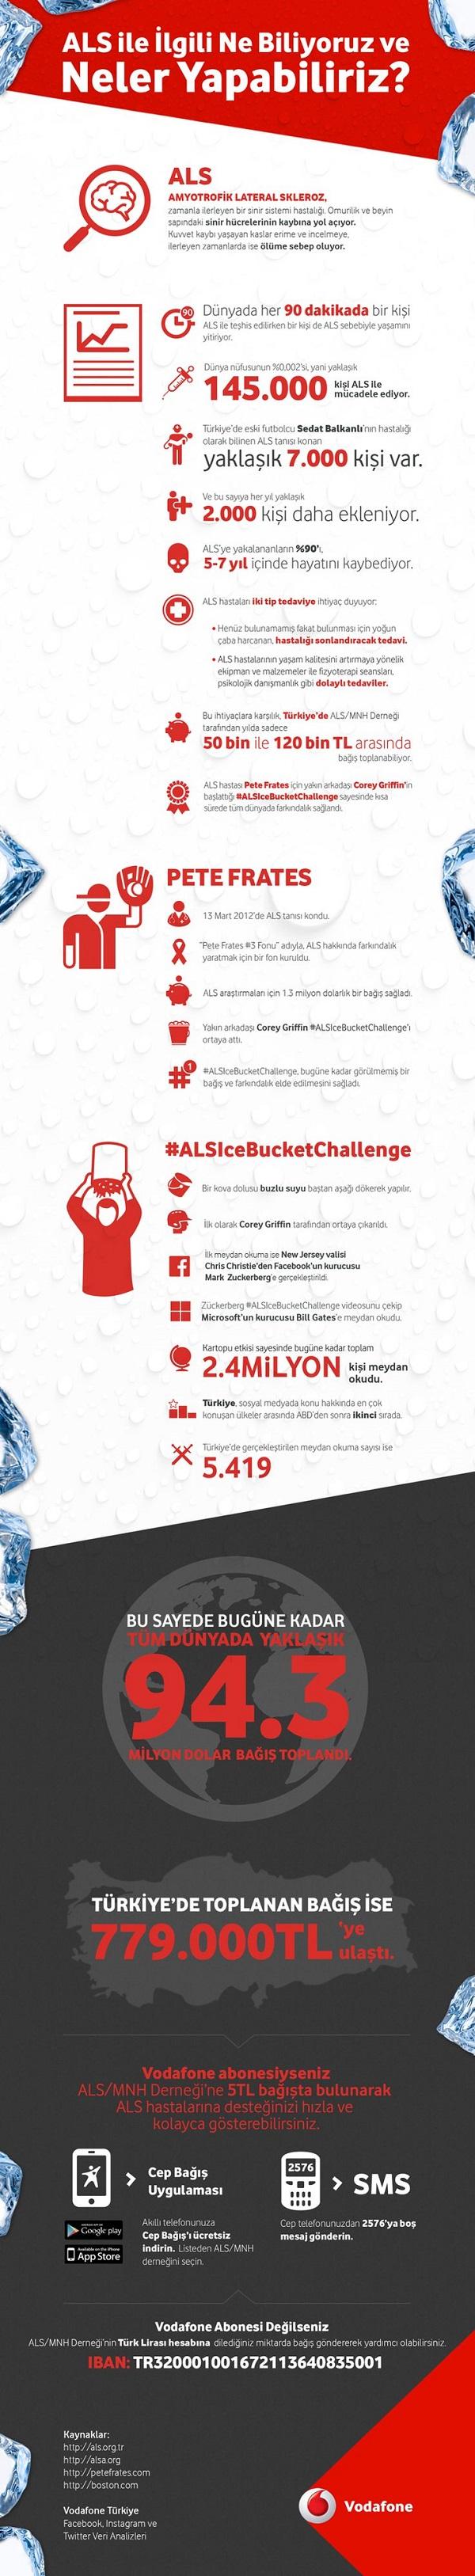 Vodafone - ALS ile ilgili ne yapabiliriz - Infografik